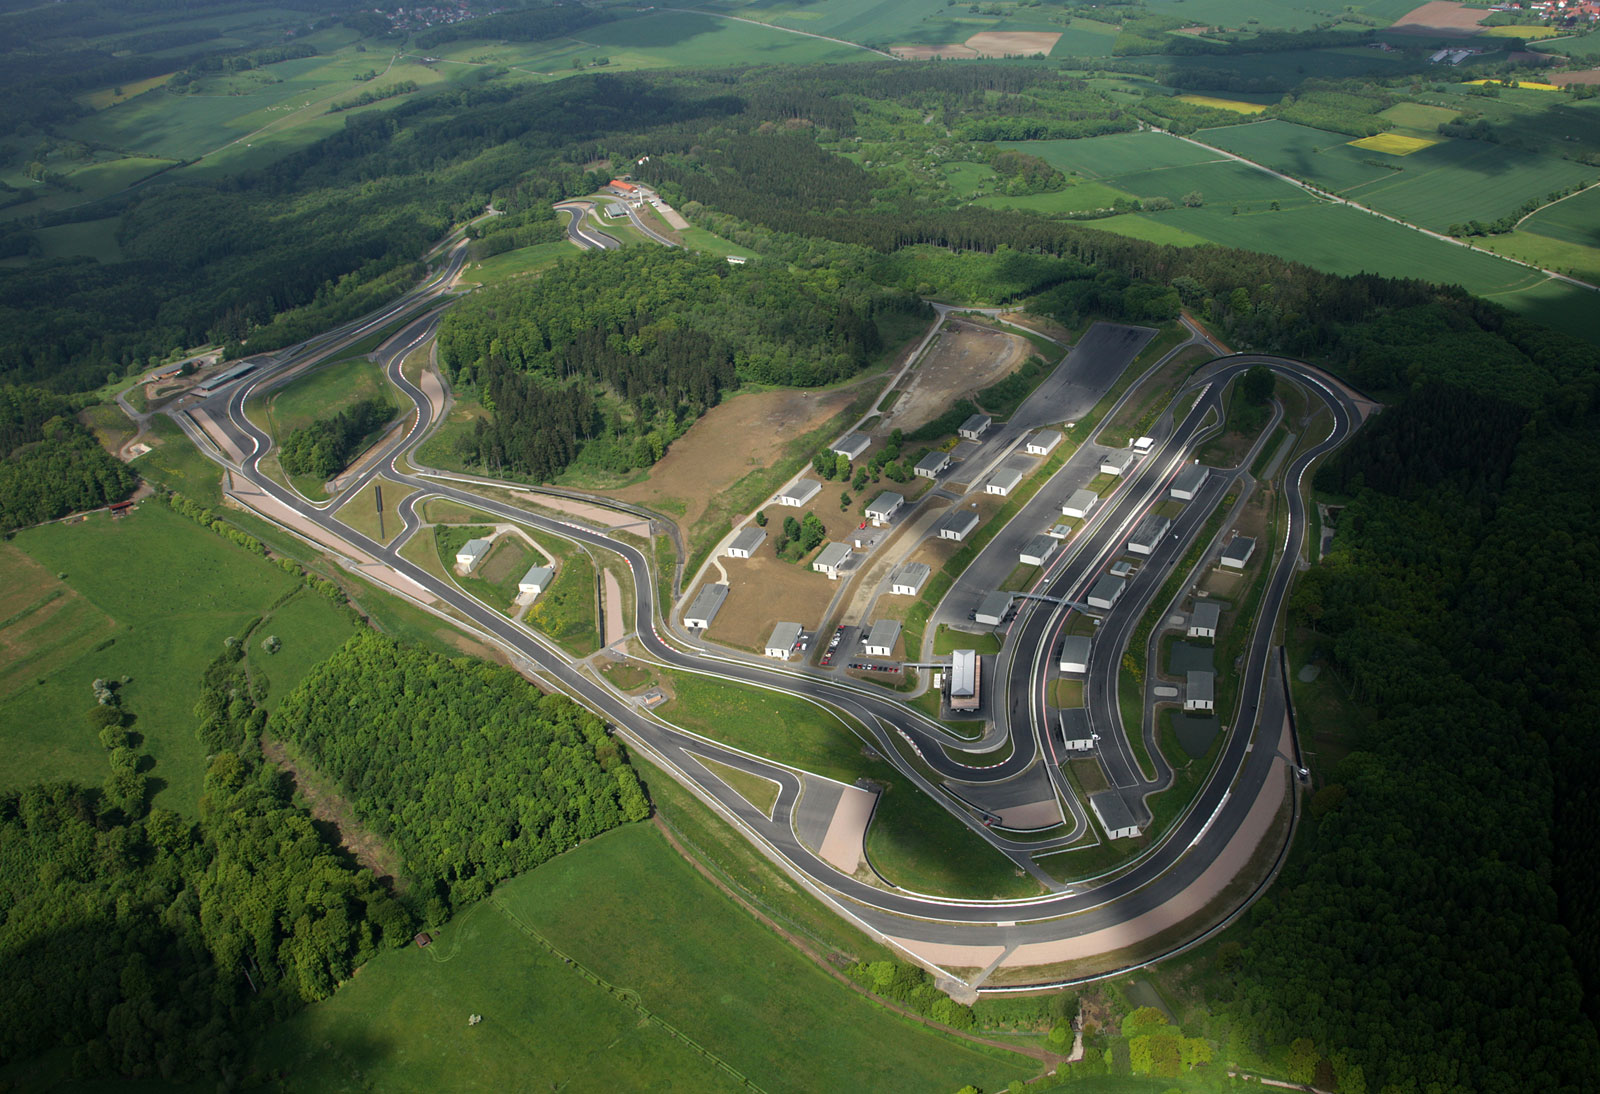 Luftaufnahme des Geländes Bilster Berg Drive Ressort